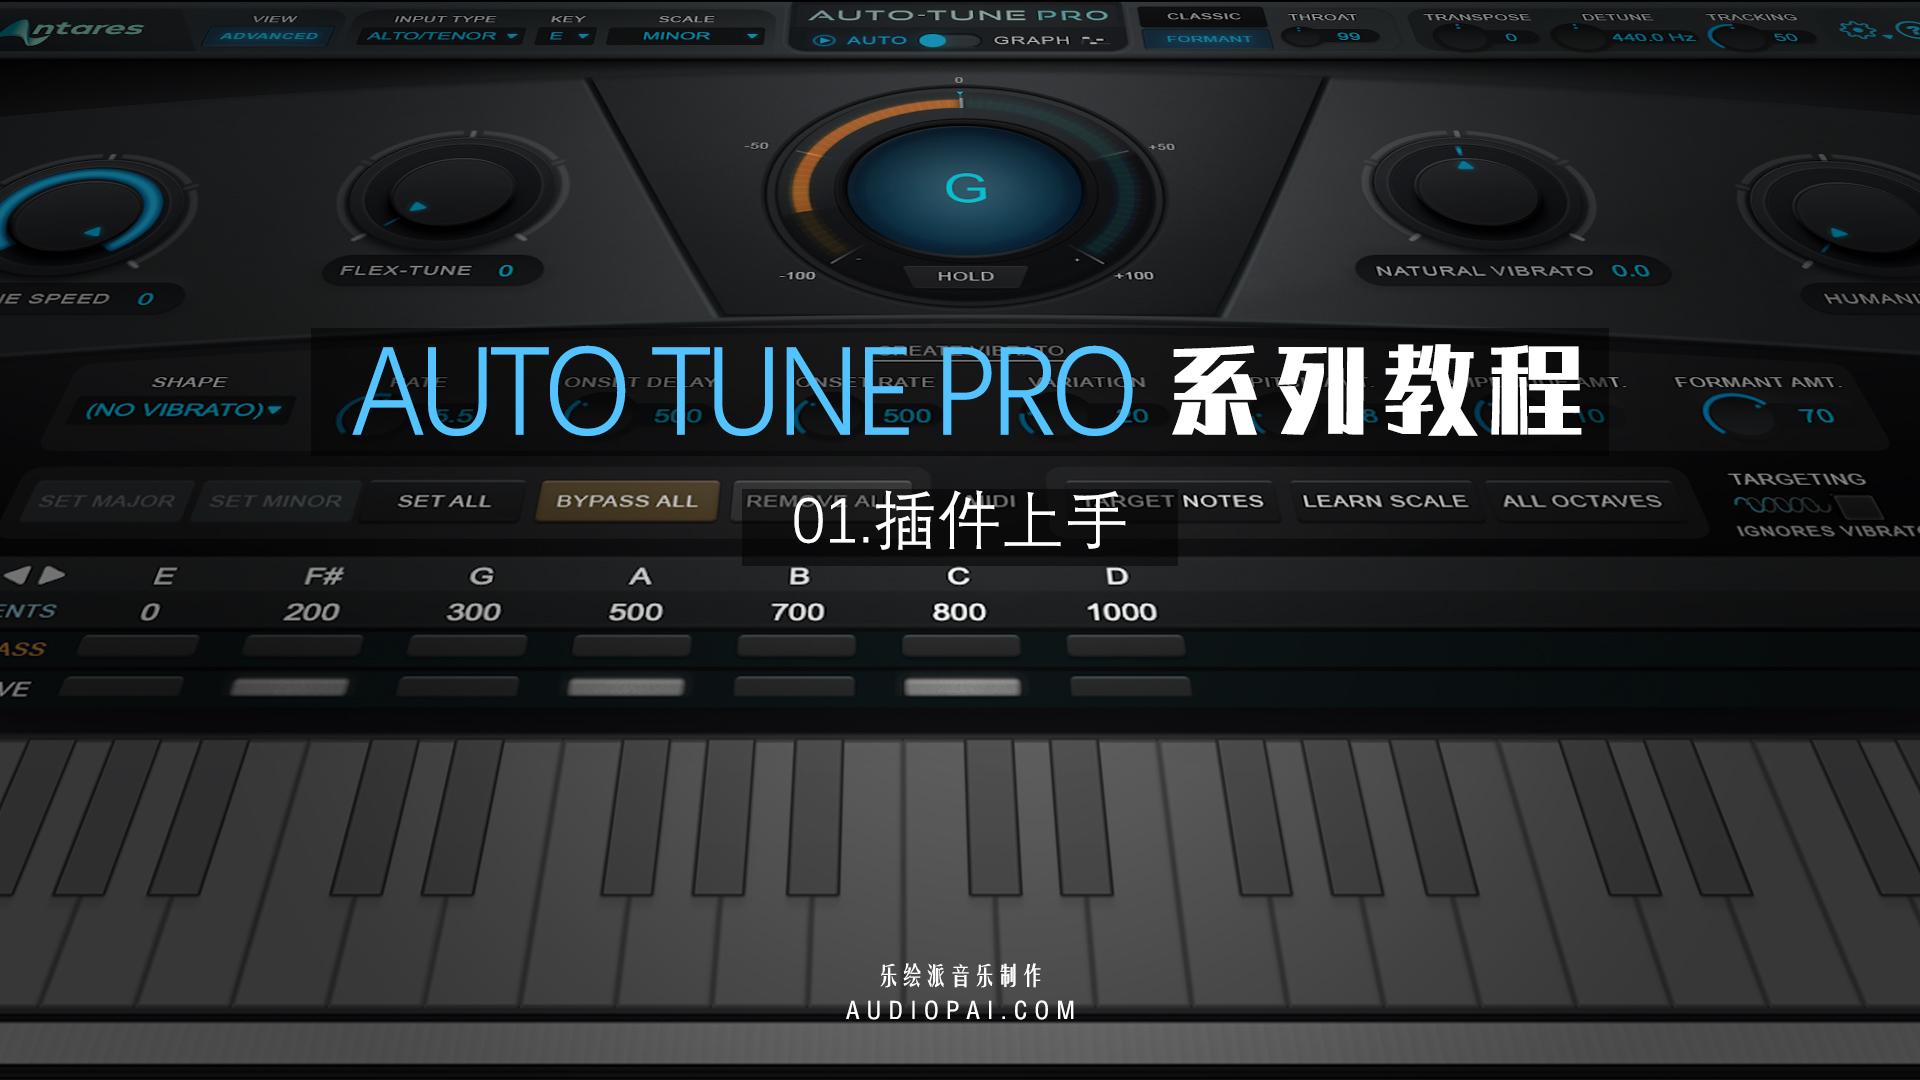 AUTO TUNE PRO 修音效果器教程[01]插件上手